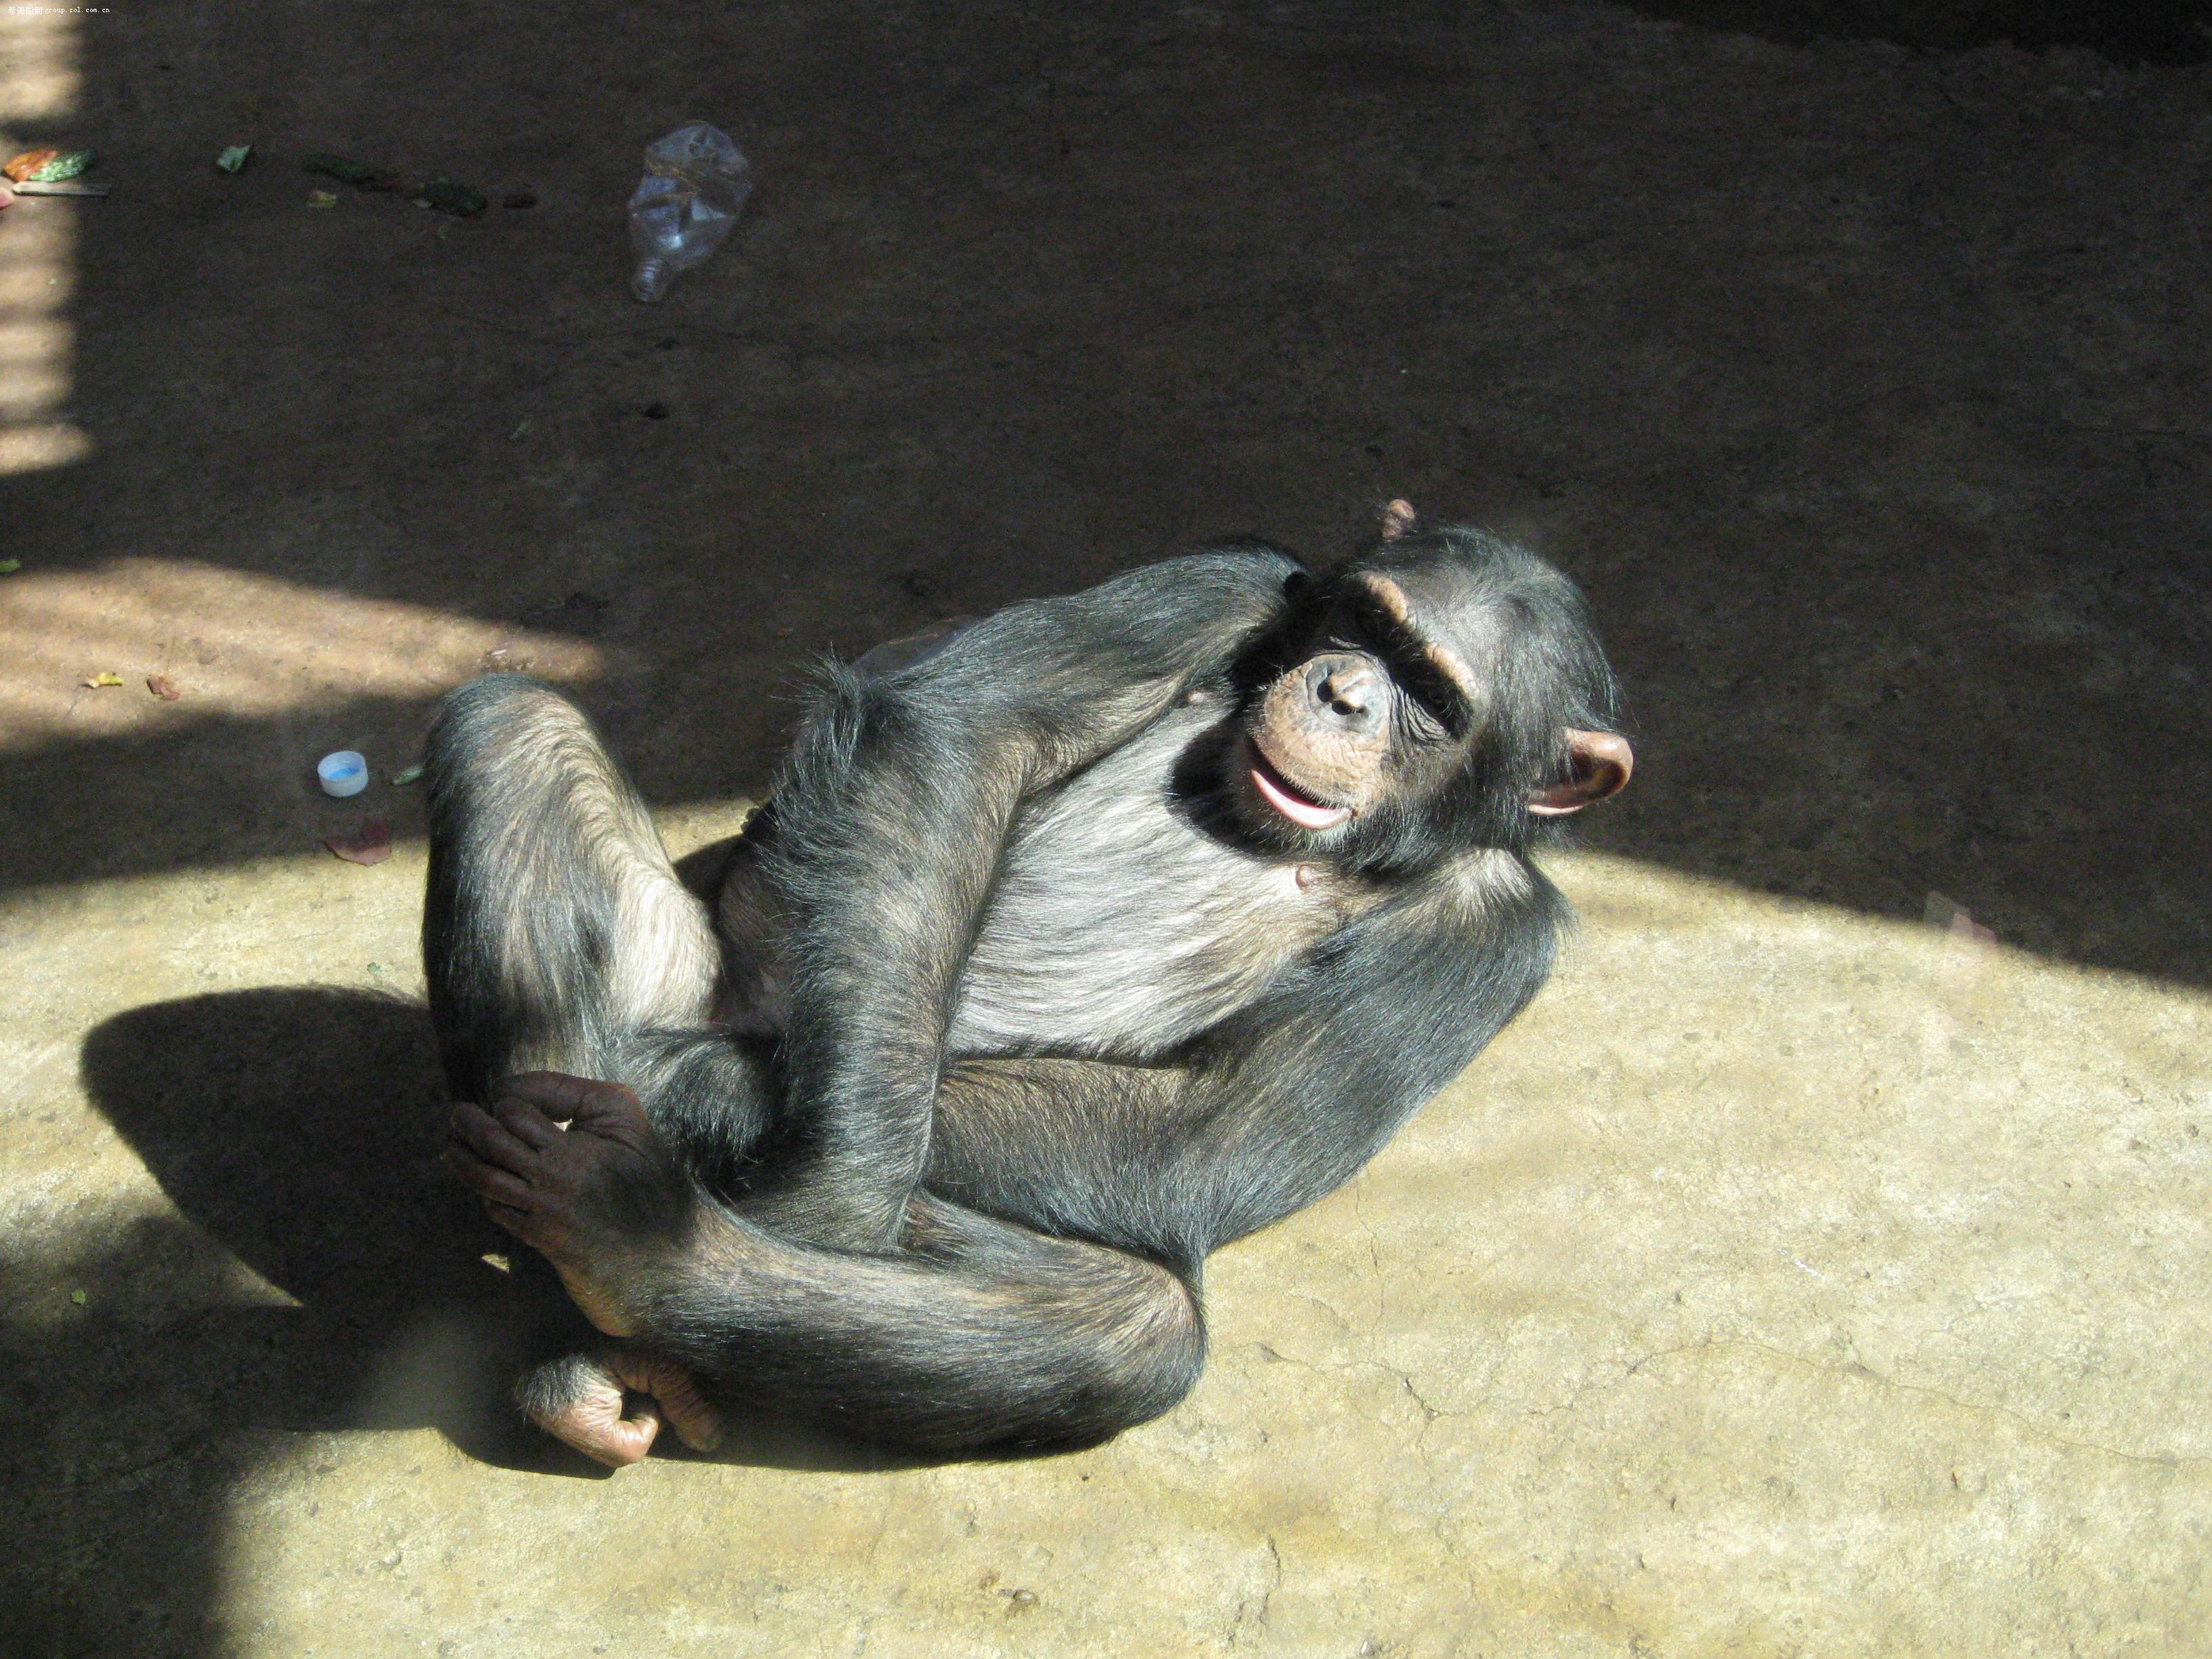 【沈阳棋盘山森林野生动物园游览图片之笼养篇】佳能